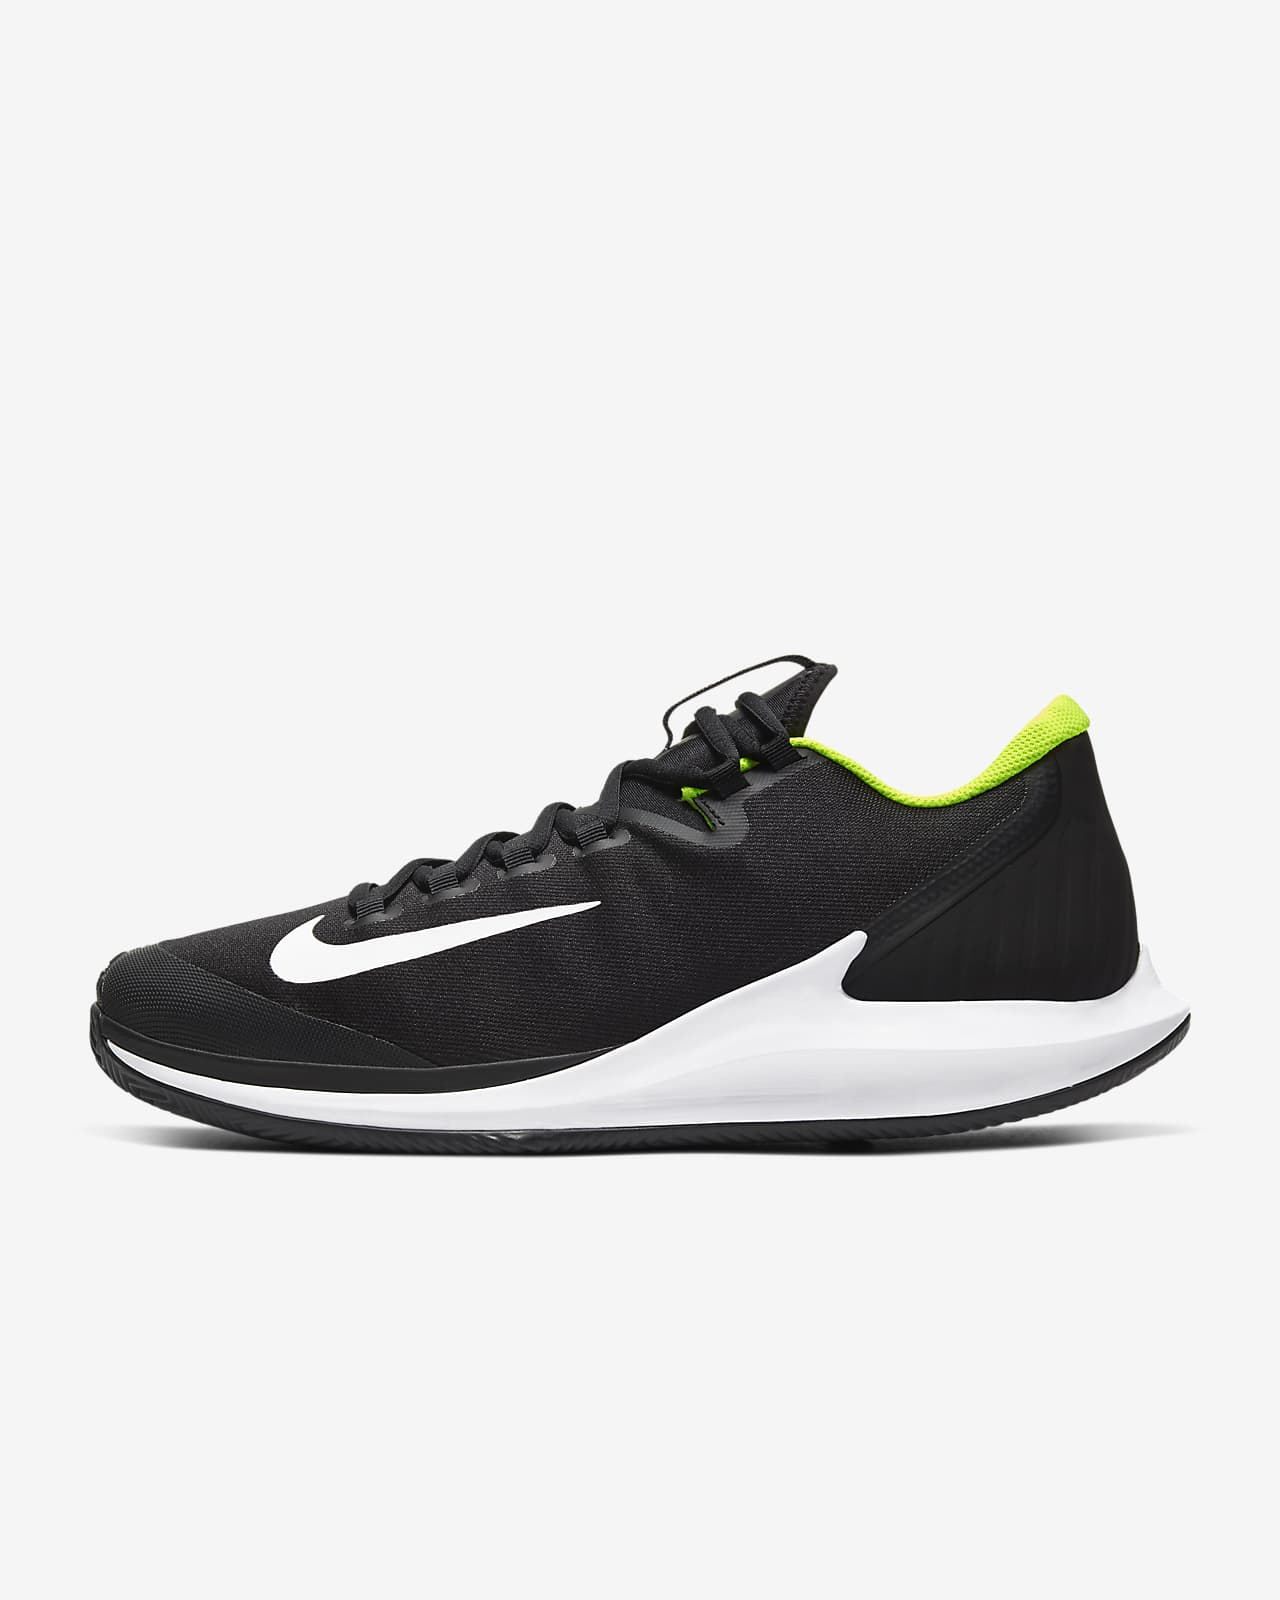 NikeCourt Air Zoom Zero Men's Clay Tennis Shoe